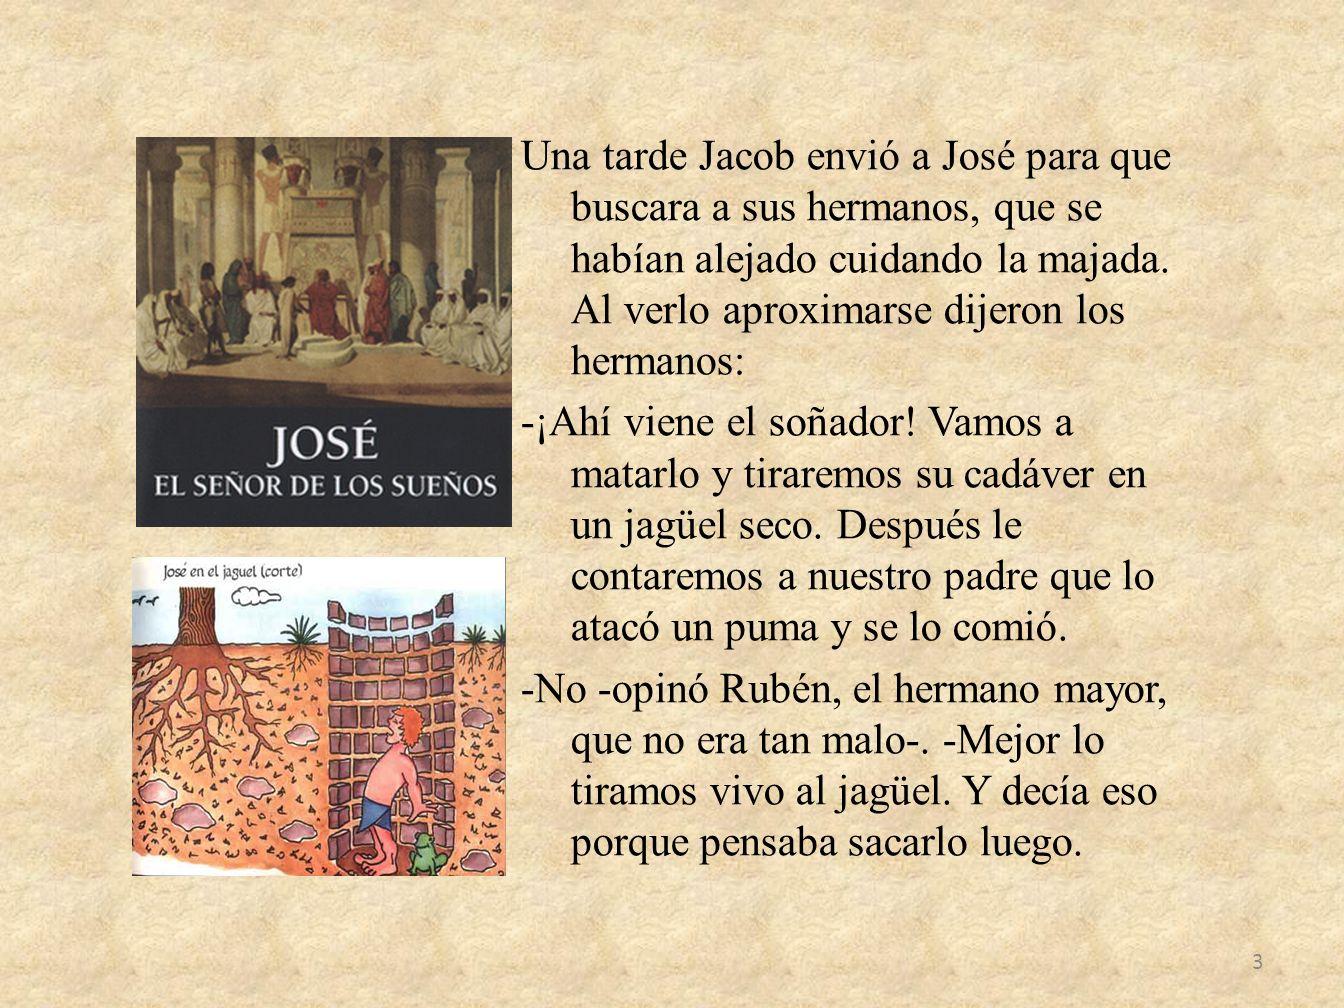 Una tarde Jacob envió a José para que buscara a sus hermanos, que se habían alejado cuidando la majada. Al verlo aproximarse dijeron los hermanos: -¡A